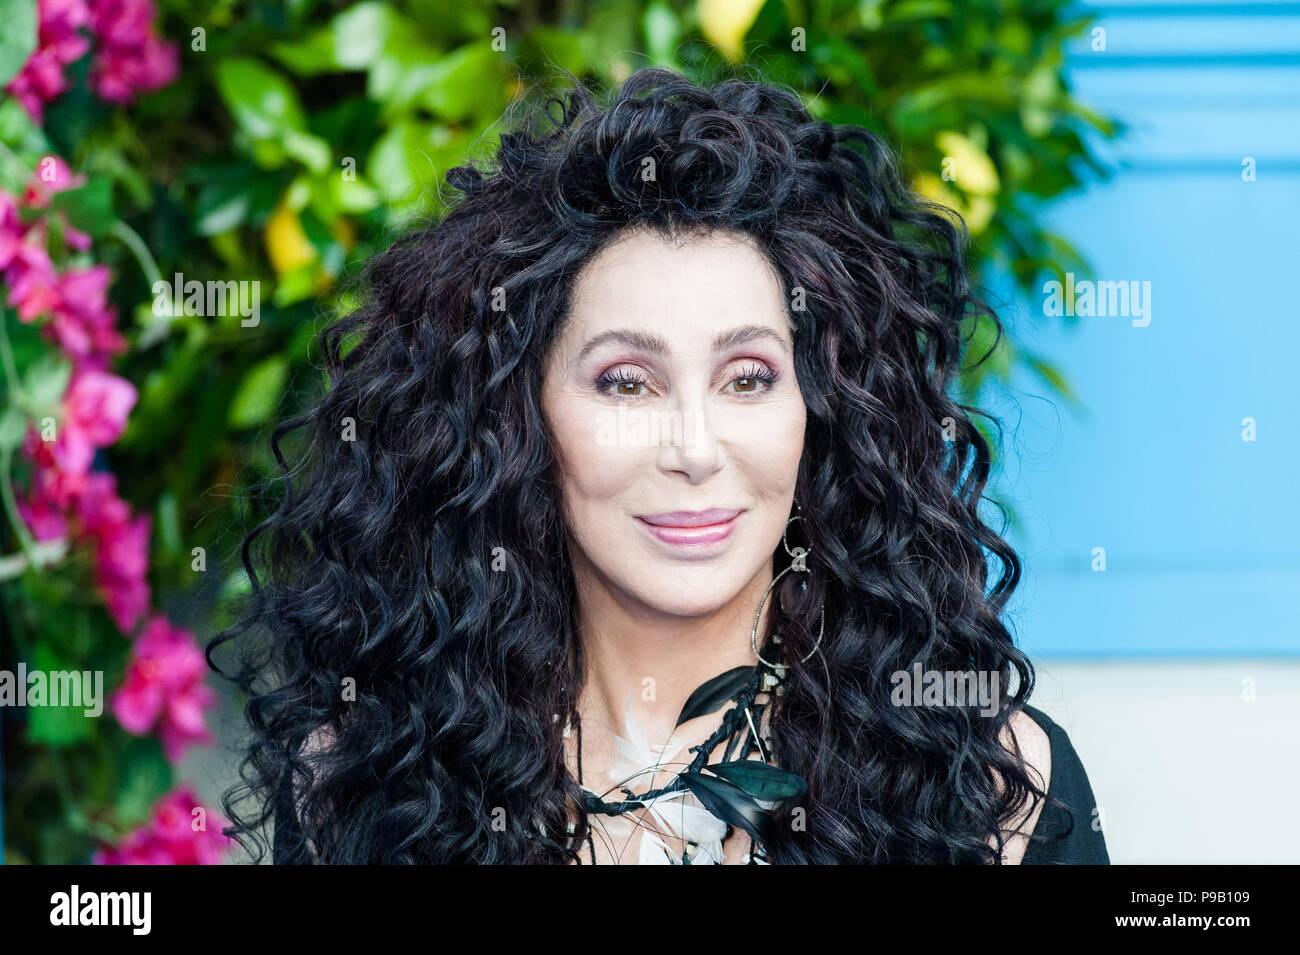 Londres, Reino Unido. El 16 de julio de 2018. Cher llega para el estreno mundial de 'Mamma Mia! Aquí vamos otra vez' en eventim, Hammersmith Apollo en Londres. Crédito: Wiktor Szymanowicz/Alamy Live News Imagen De Stock